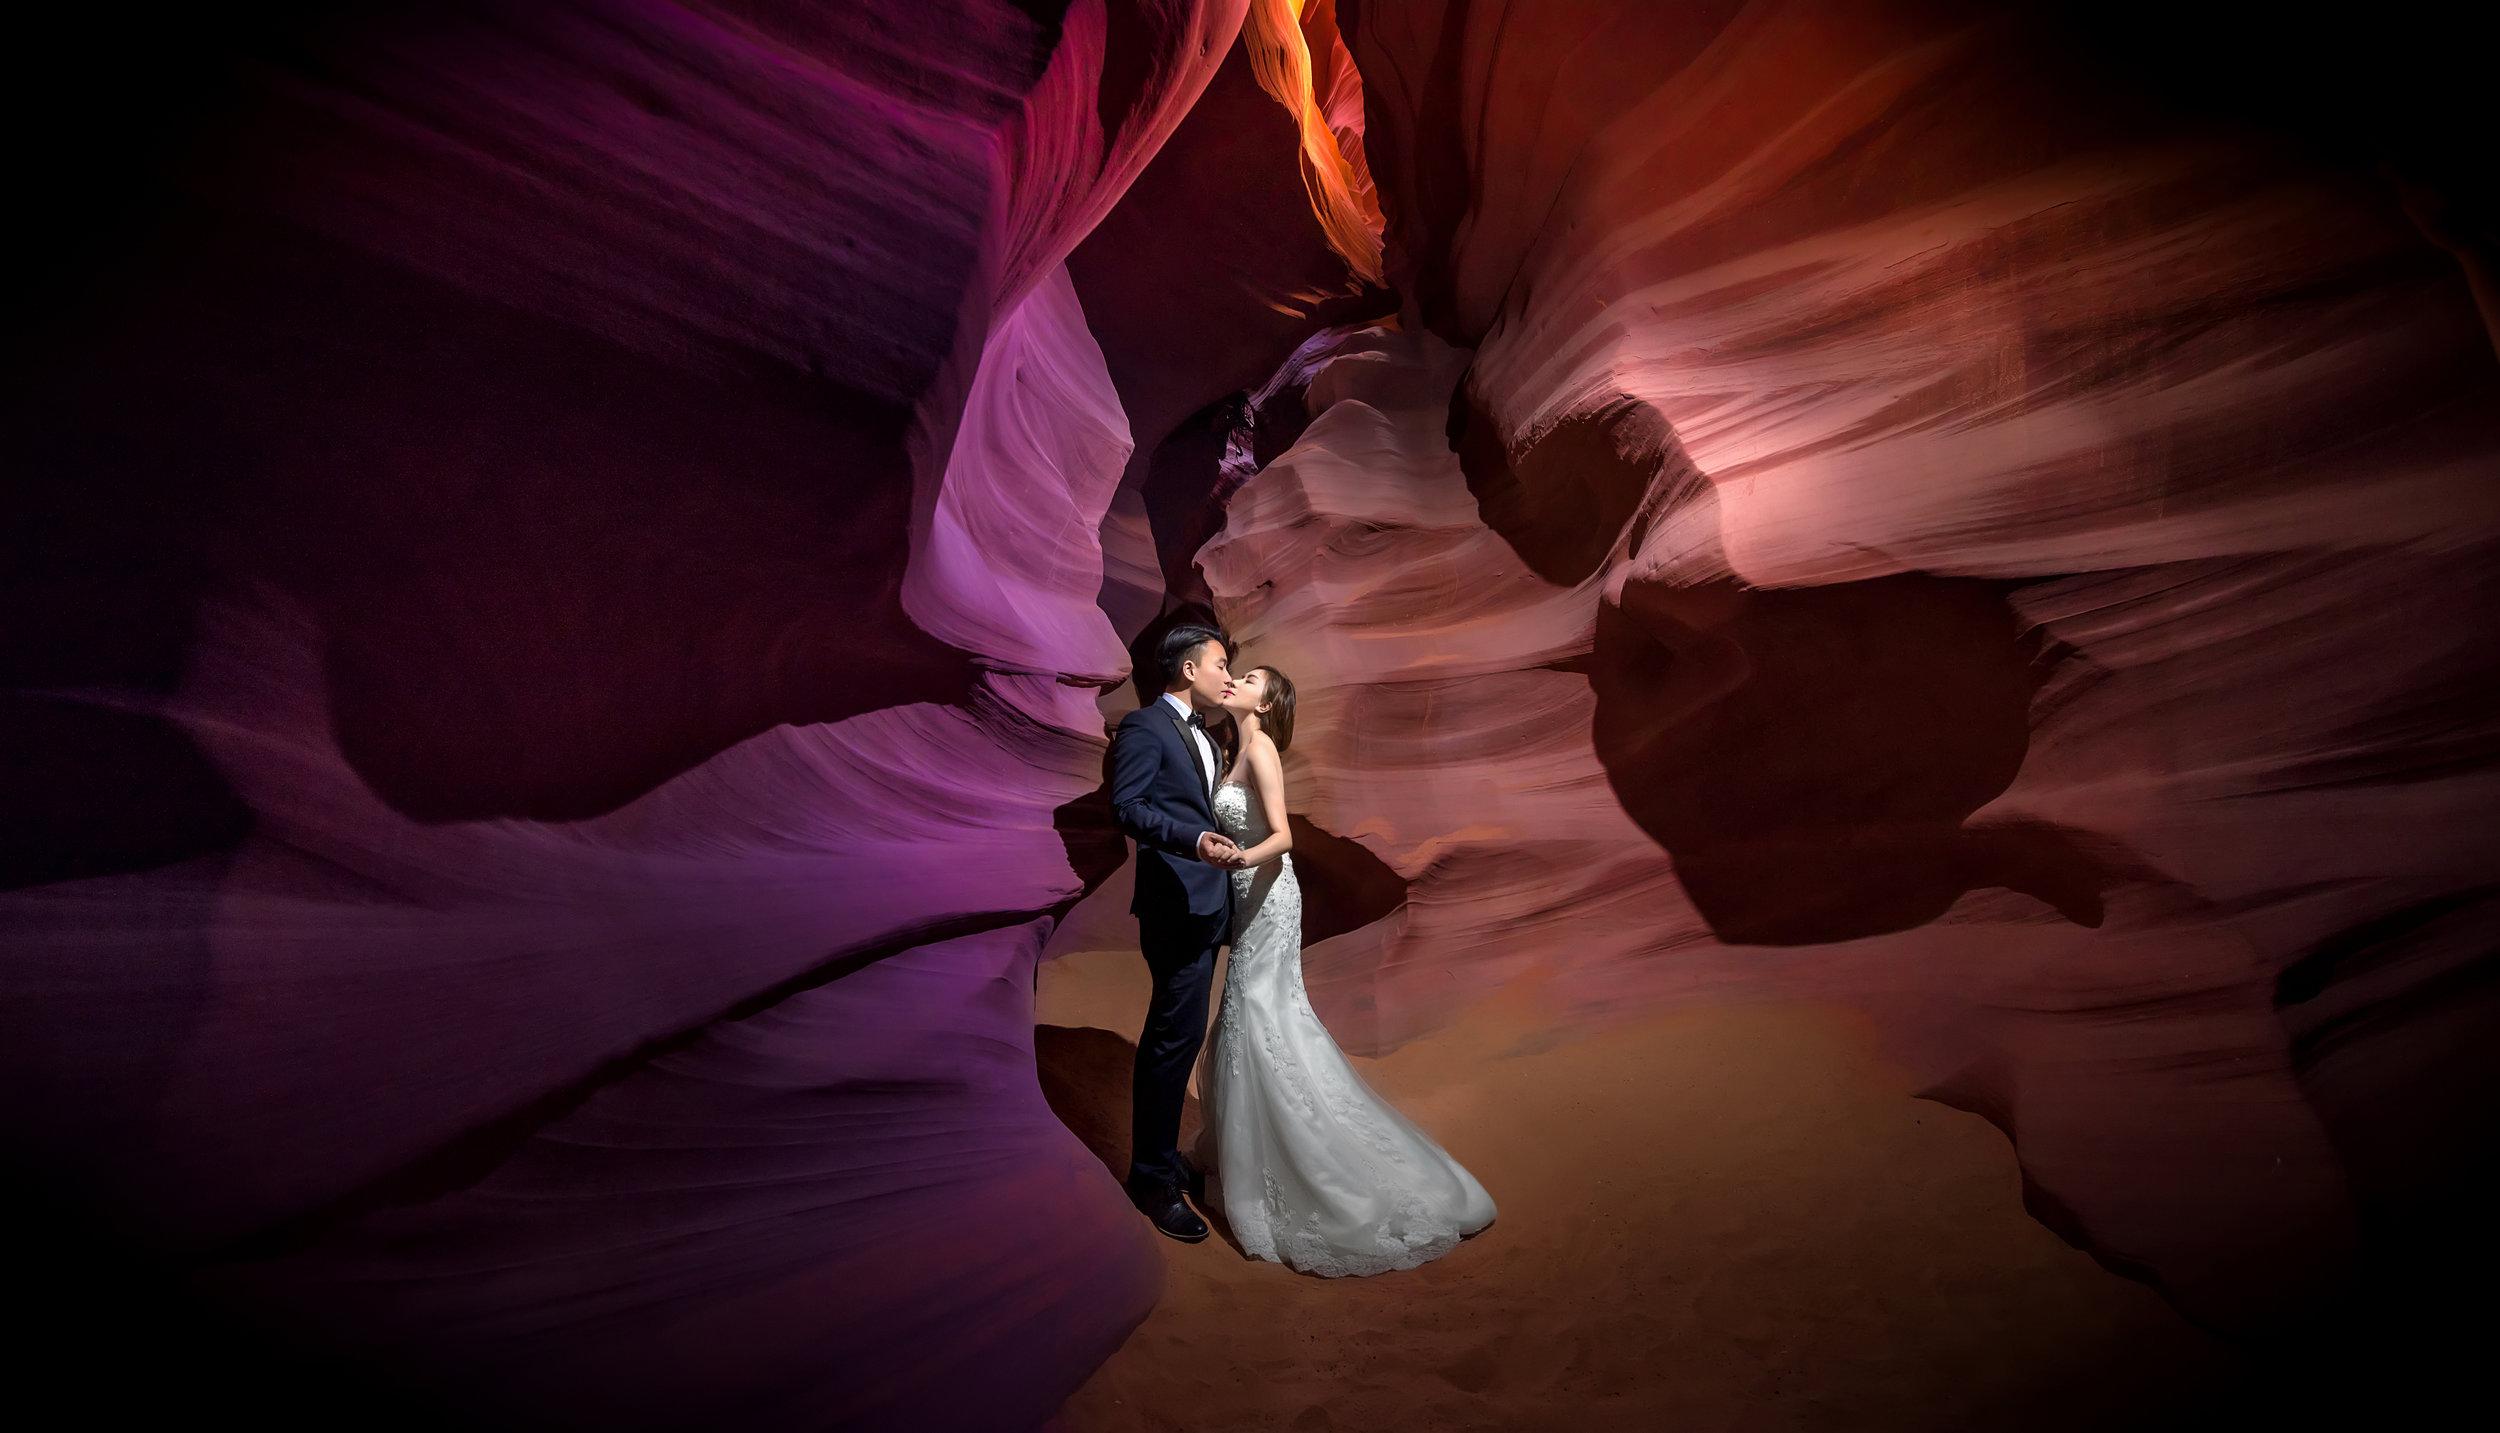 - 美國羚羊峽谷,一個我非常憧憬的地方。內裡岩石經日光照射而表現出不同的色彩。在2017年有月終有幸踏進這夢幻之地,除了為客人記錄了影像回憶之外,它的美也深深住進我的腦海裡。